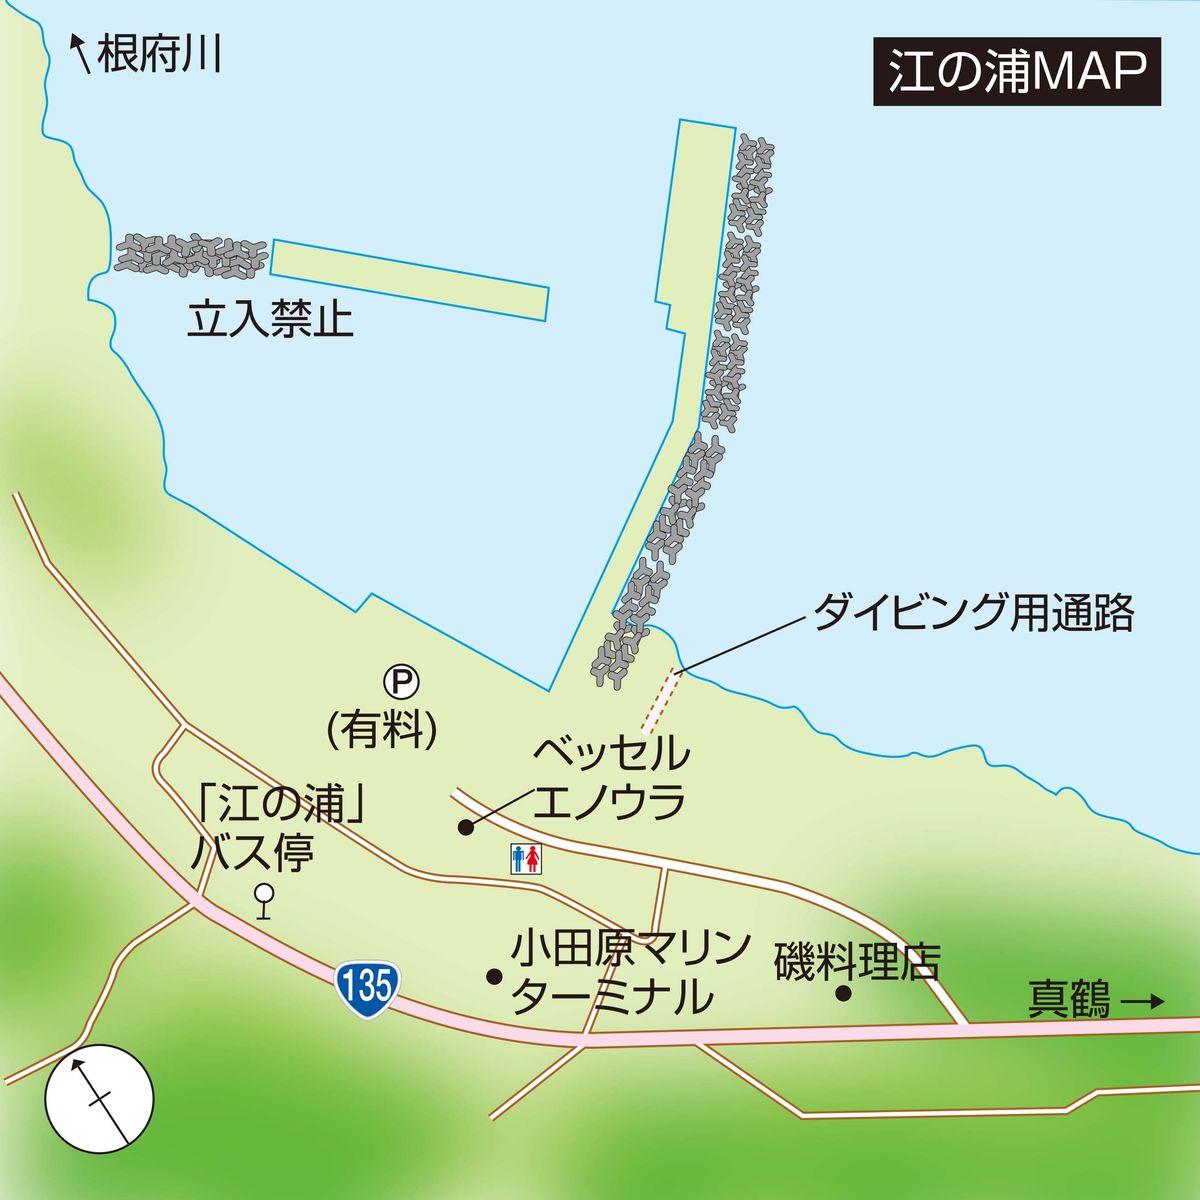 090-101_zenkokutsuriba07_cs6 (3)